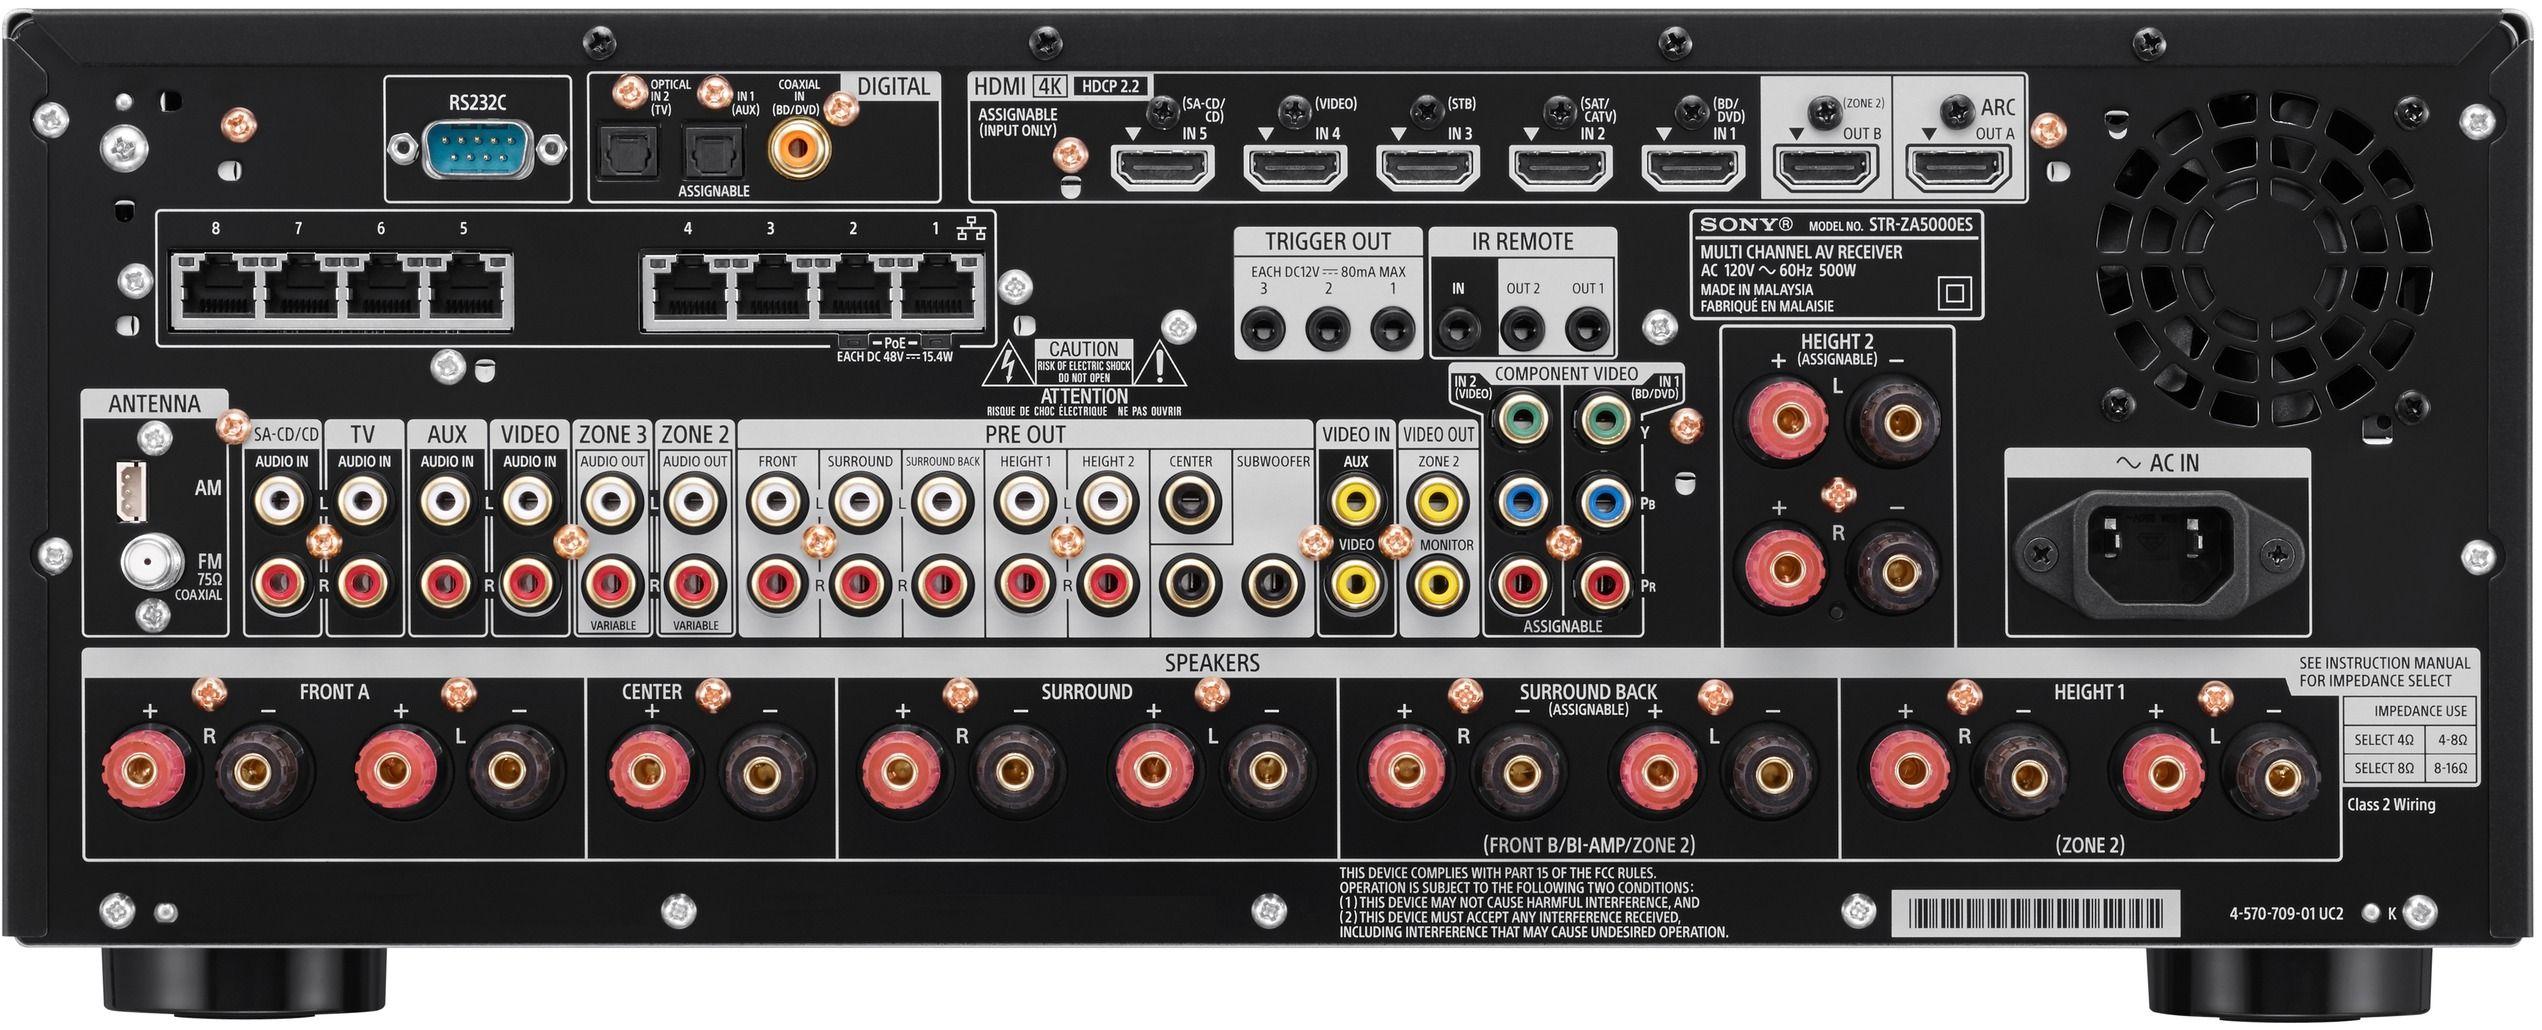 Sony® ES 9 2 Channel 4K AV Home Theater Receiver-STRZA5000ES